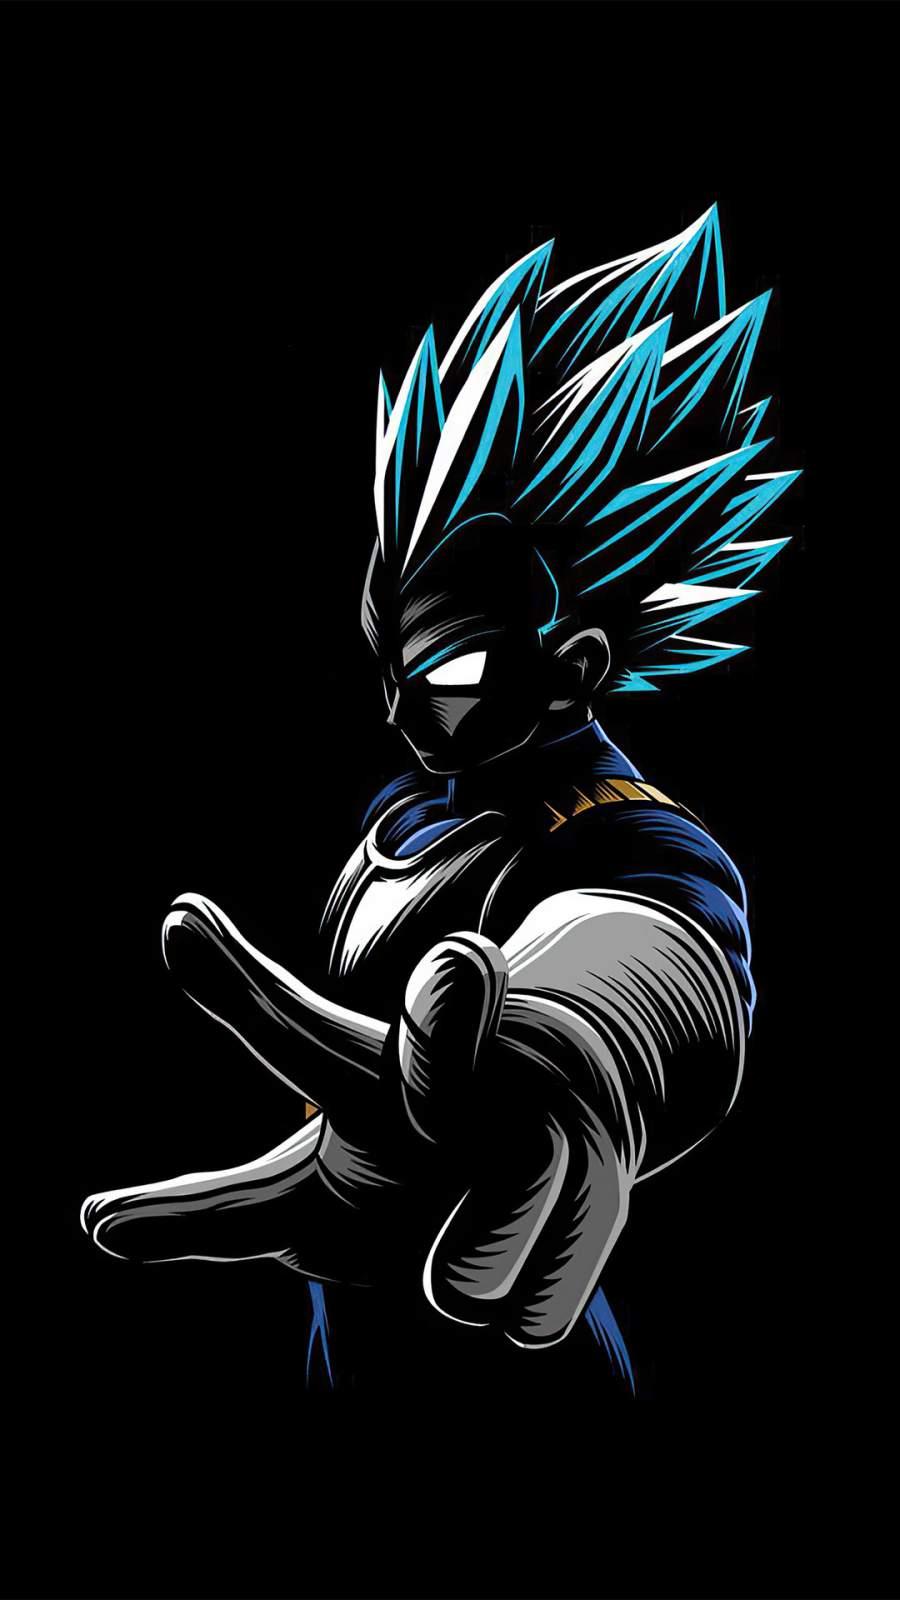 Anime Goku 4K